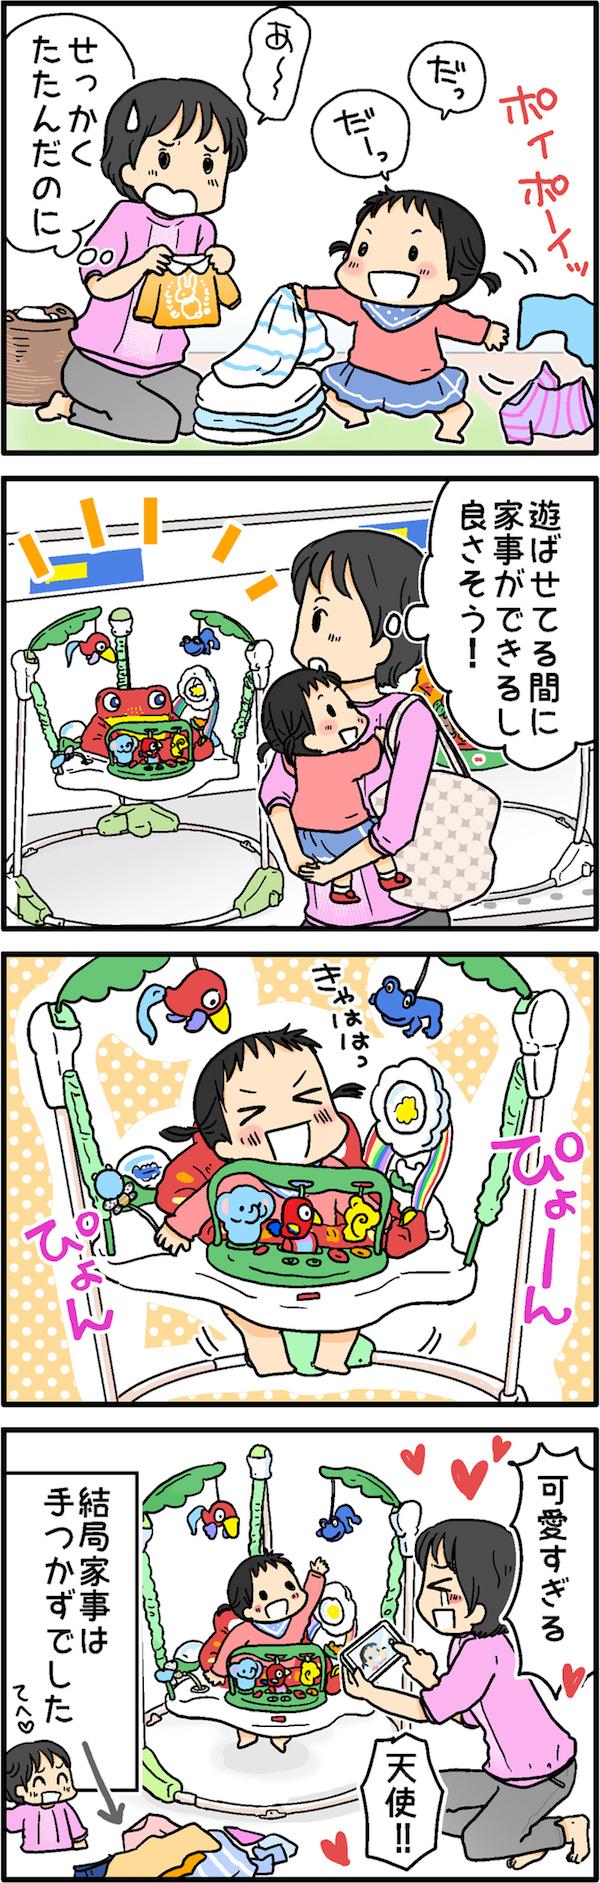 動き始めた赤ちゃんにぴったりのおもちゃとは?ママにも嬉しいポイント!の画像1